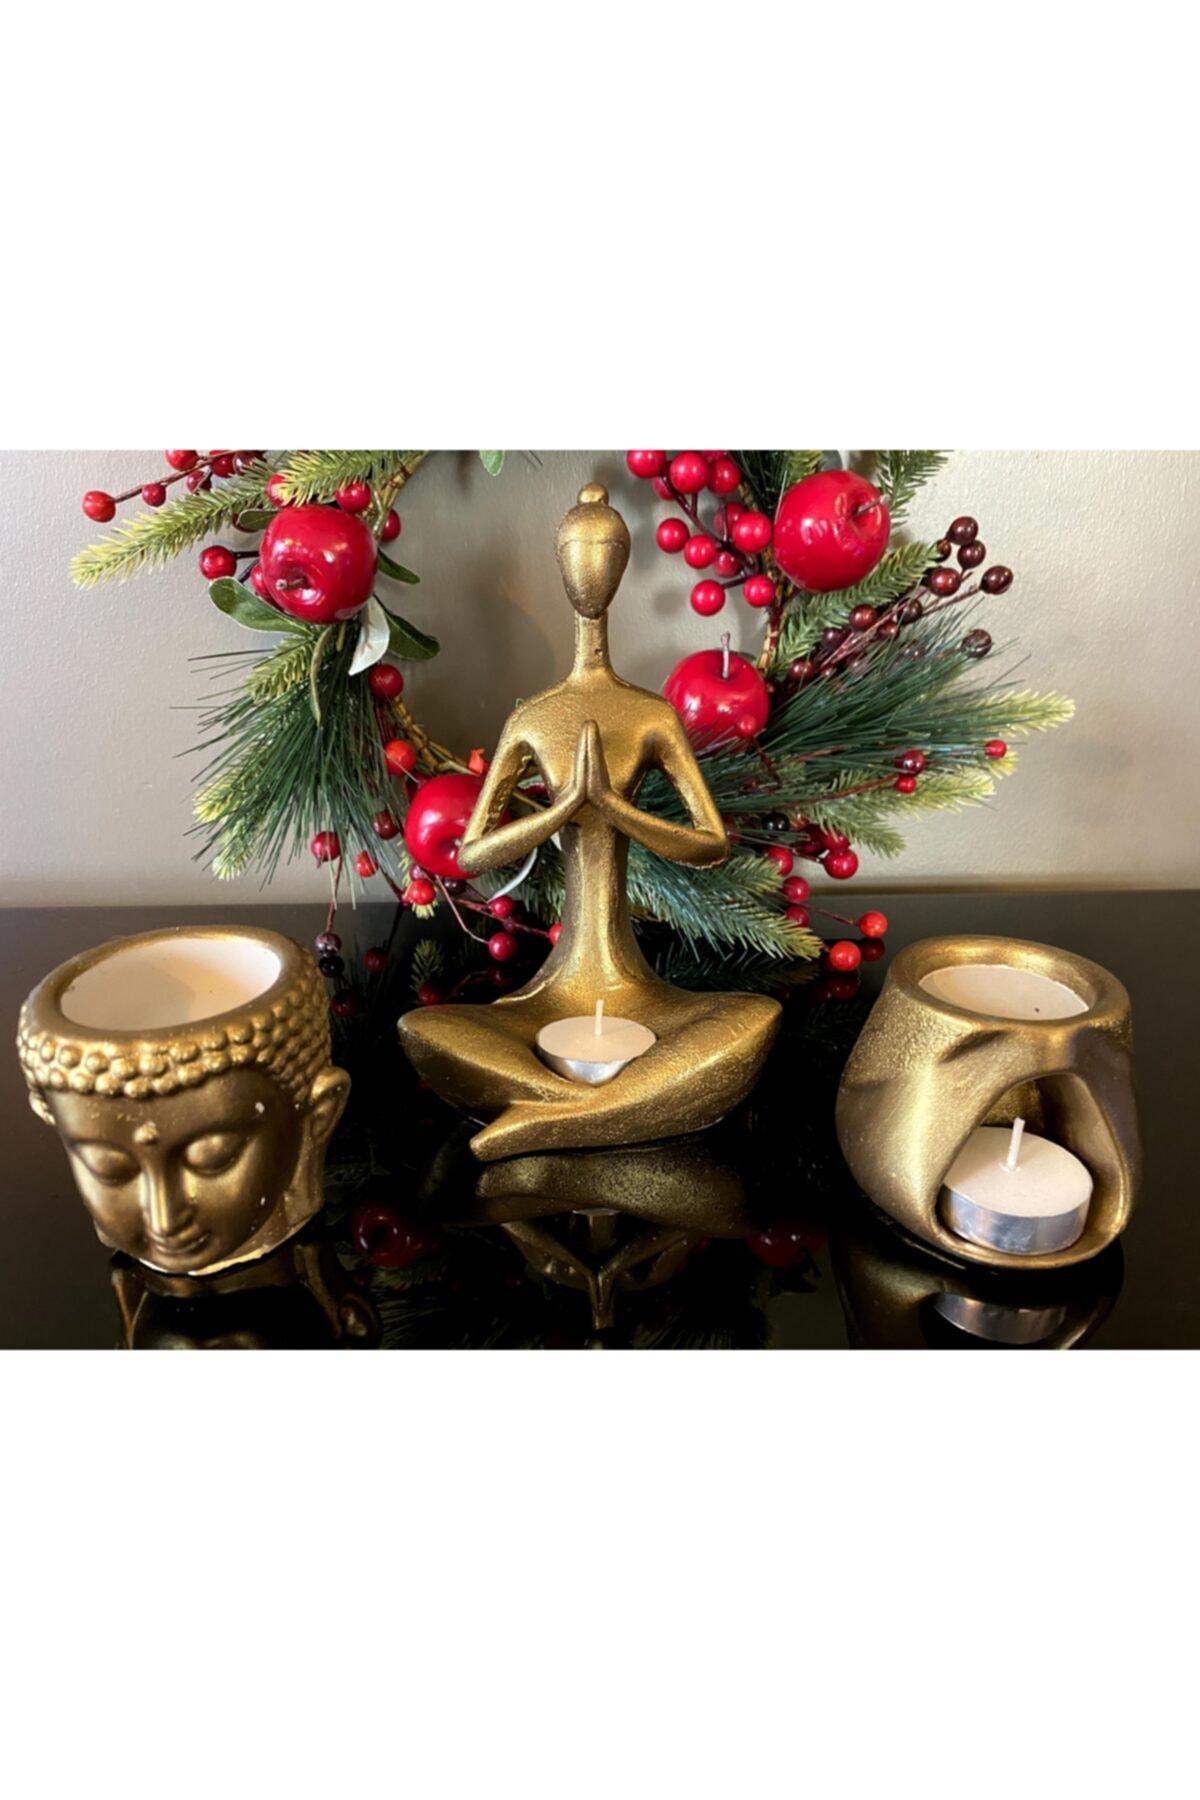 Talya Art Design , Buhurdanlık 3'lü Set, Koyu Altın Rengi, Namaste Kadın, Budha Ve Tad Buhurdanlık 2